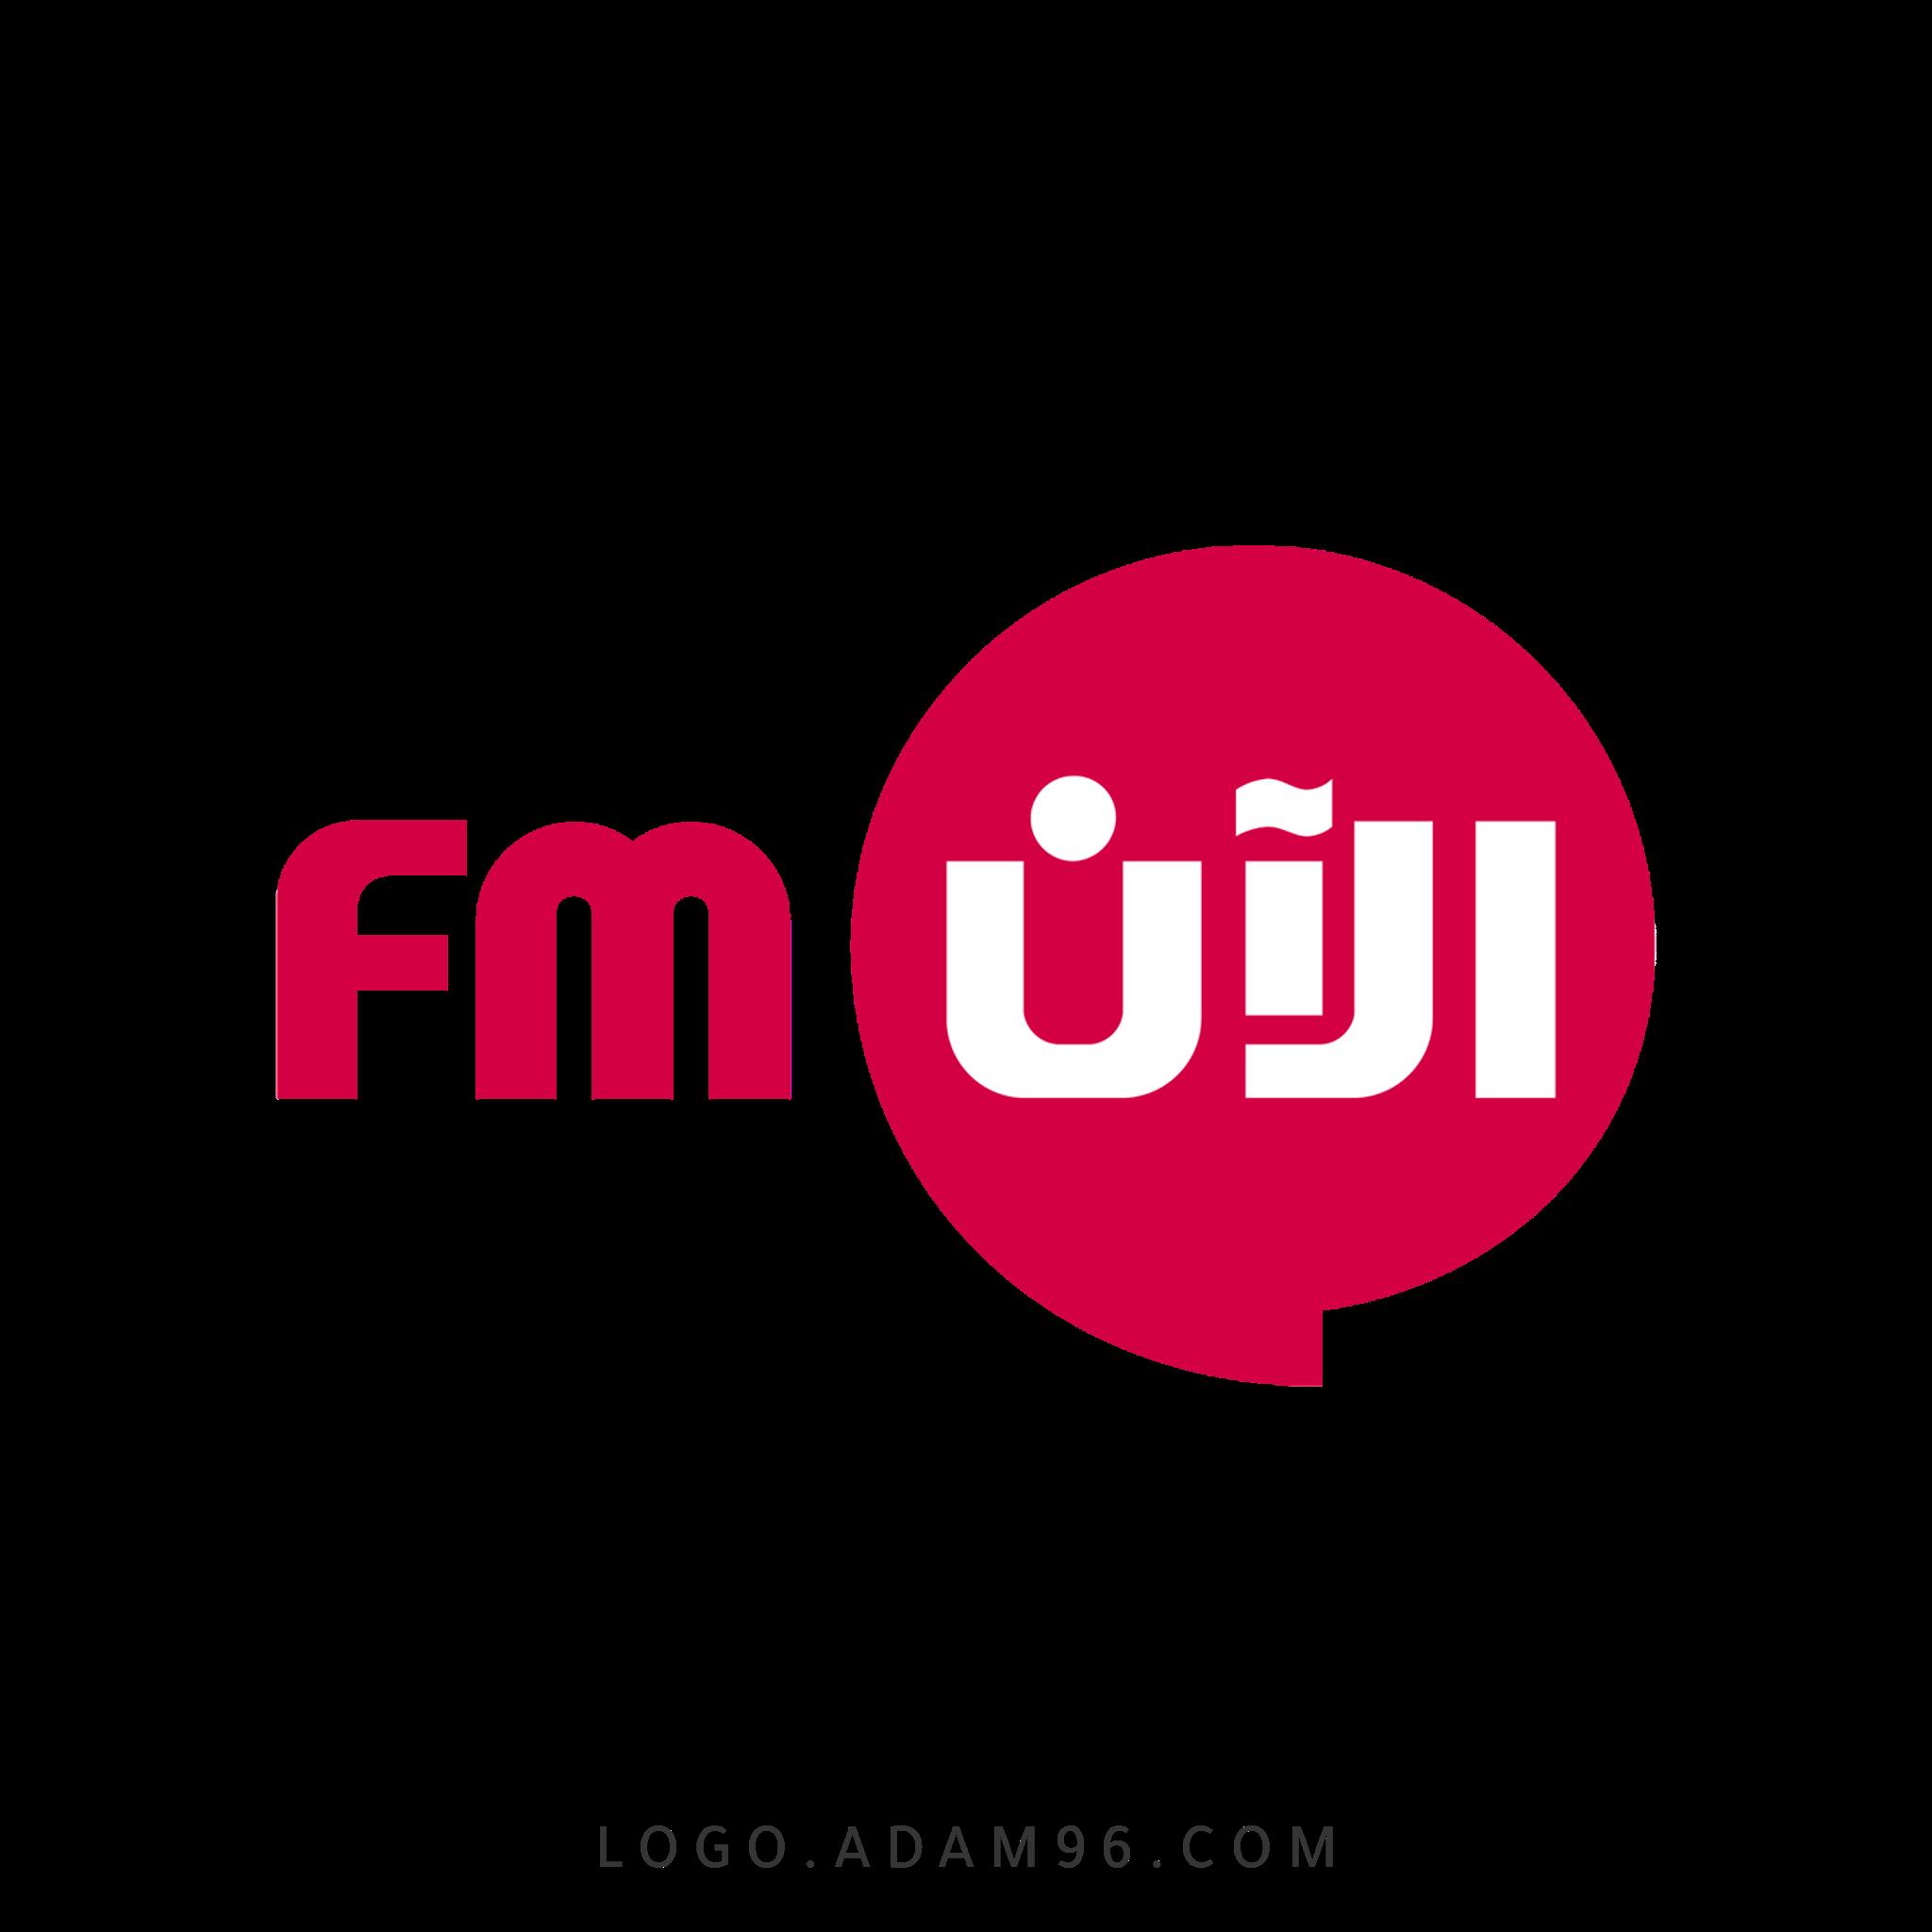 تحميل شعار إذاعة راديو الان اف ام سوريا لوجو رسمي عالي الجودة PNG